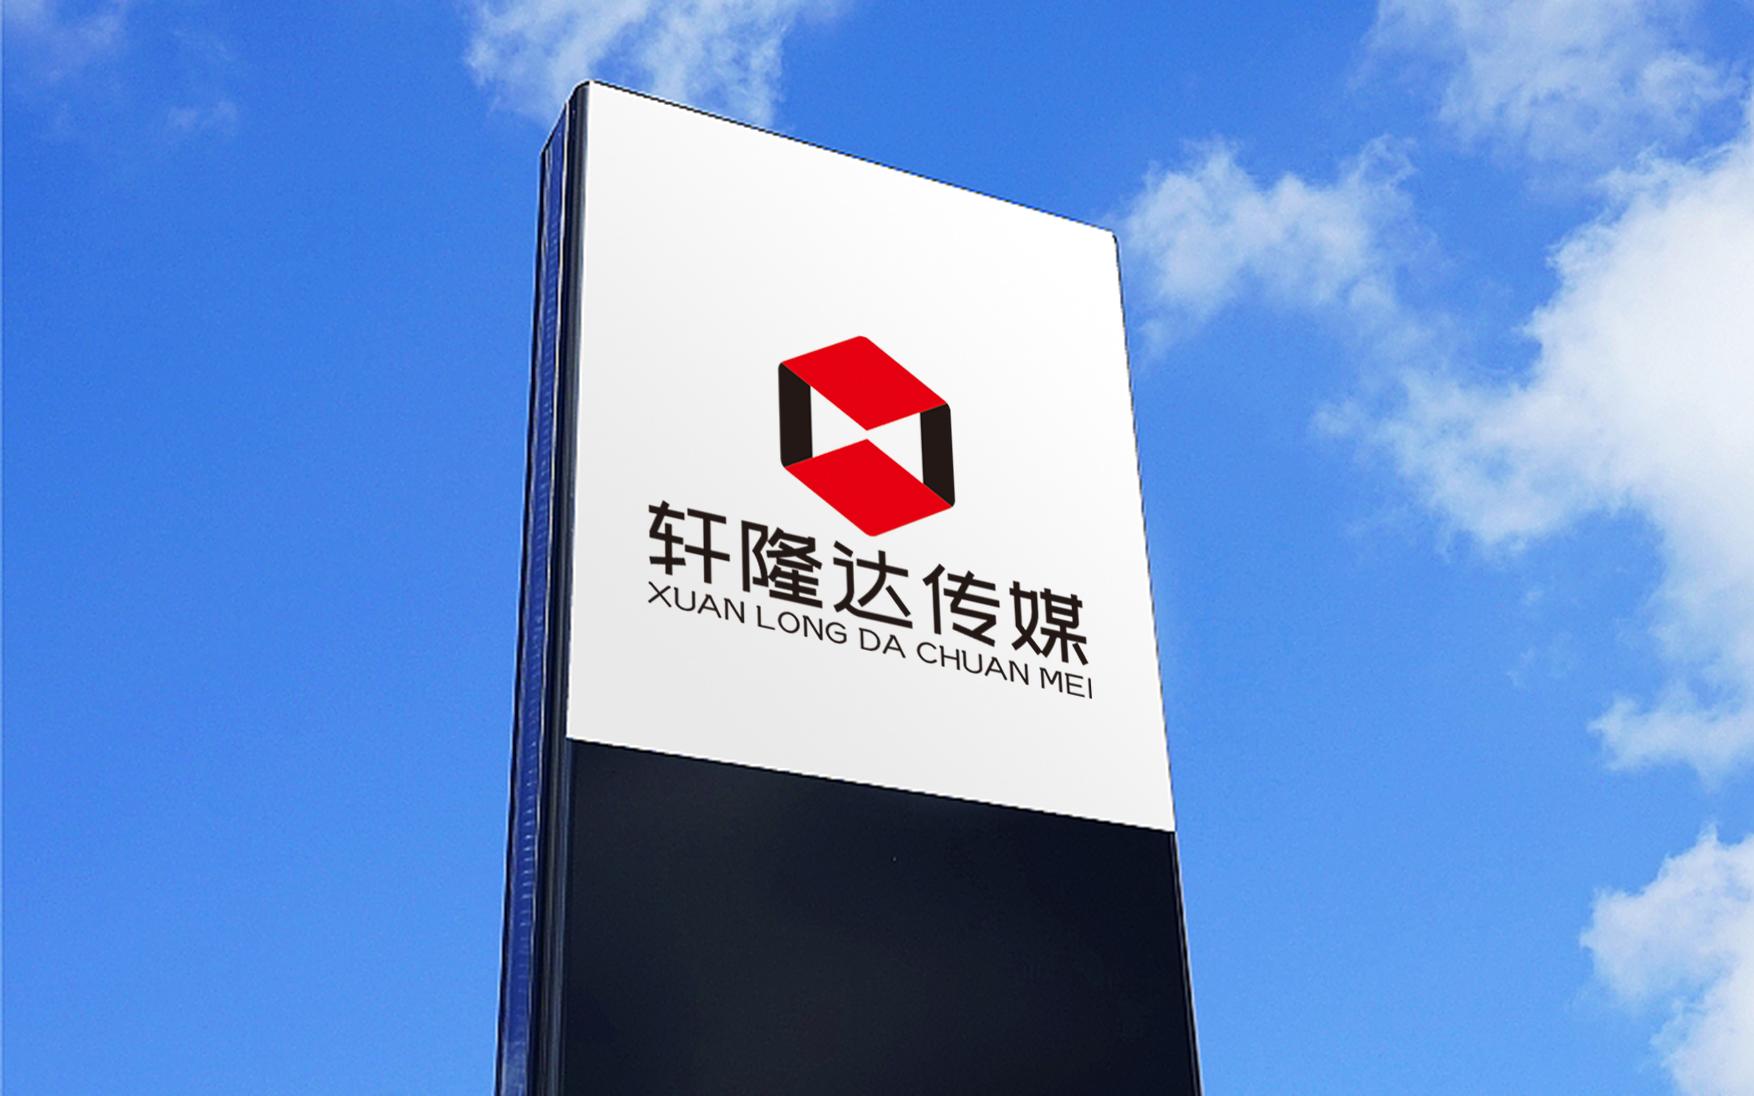 轩隆达传媒logo设计_3032809_k68威客网